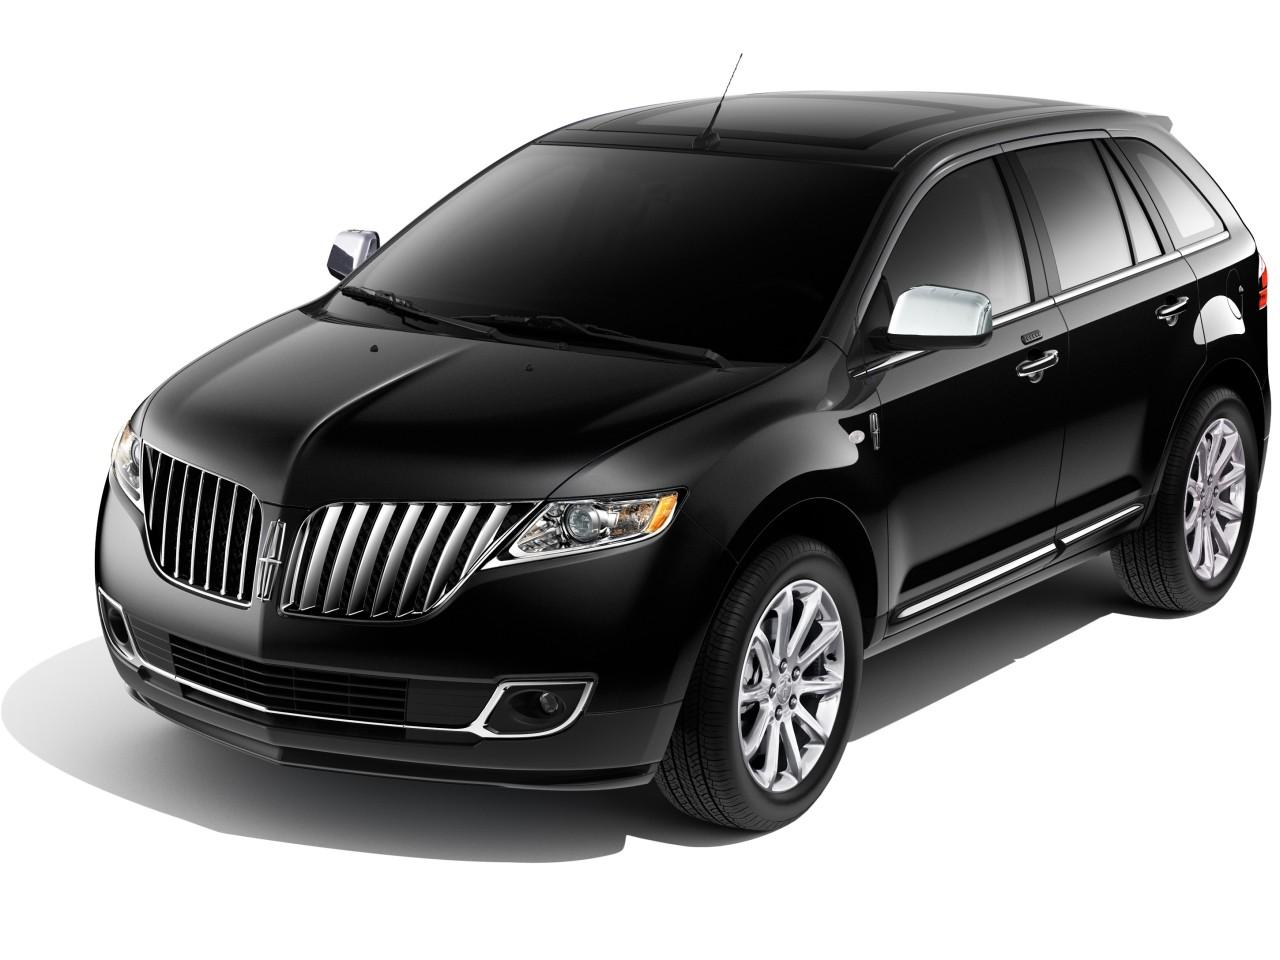 リンカーン MKX 2008年モデル 新車画像